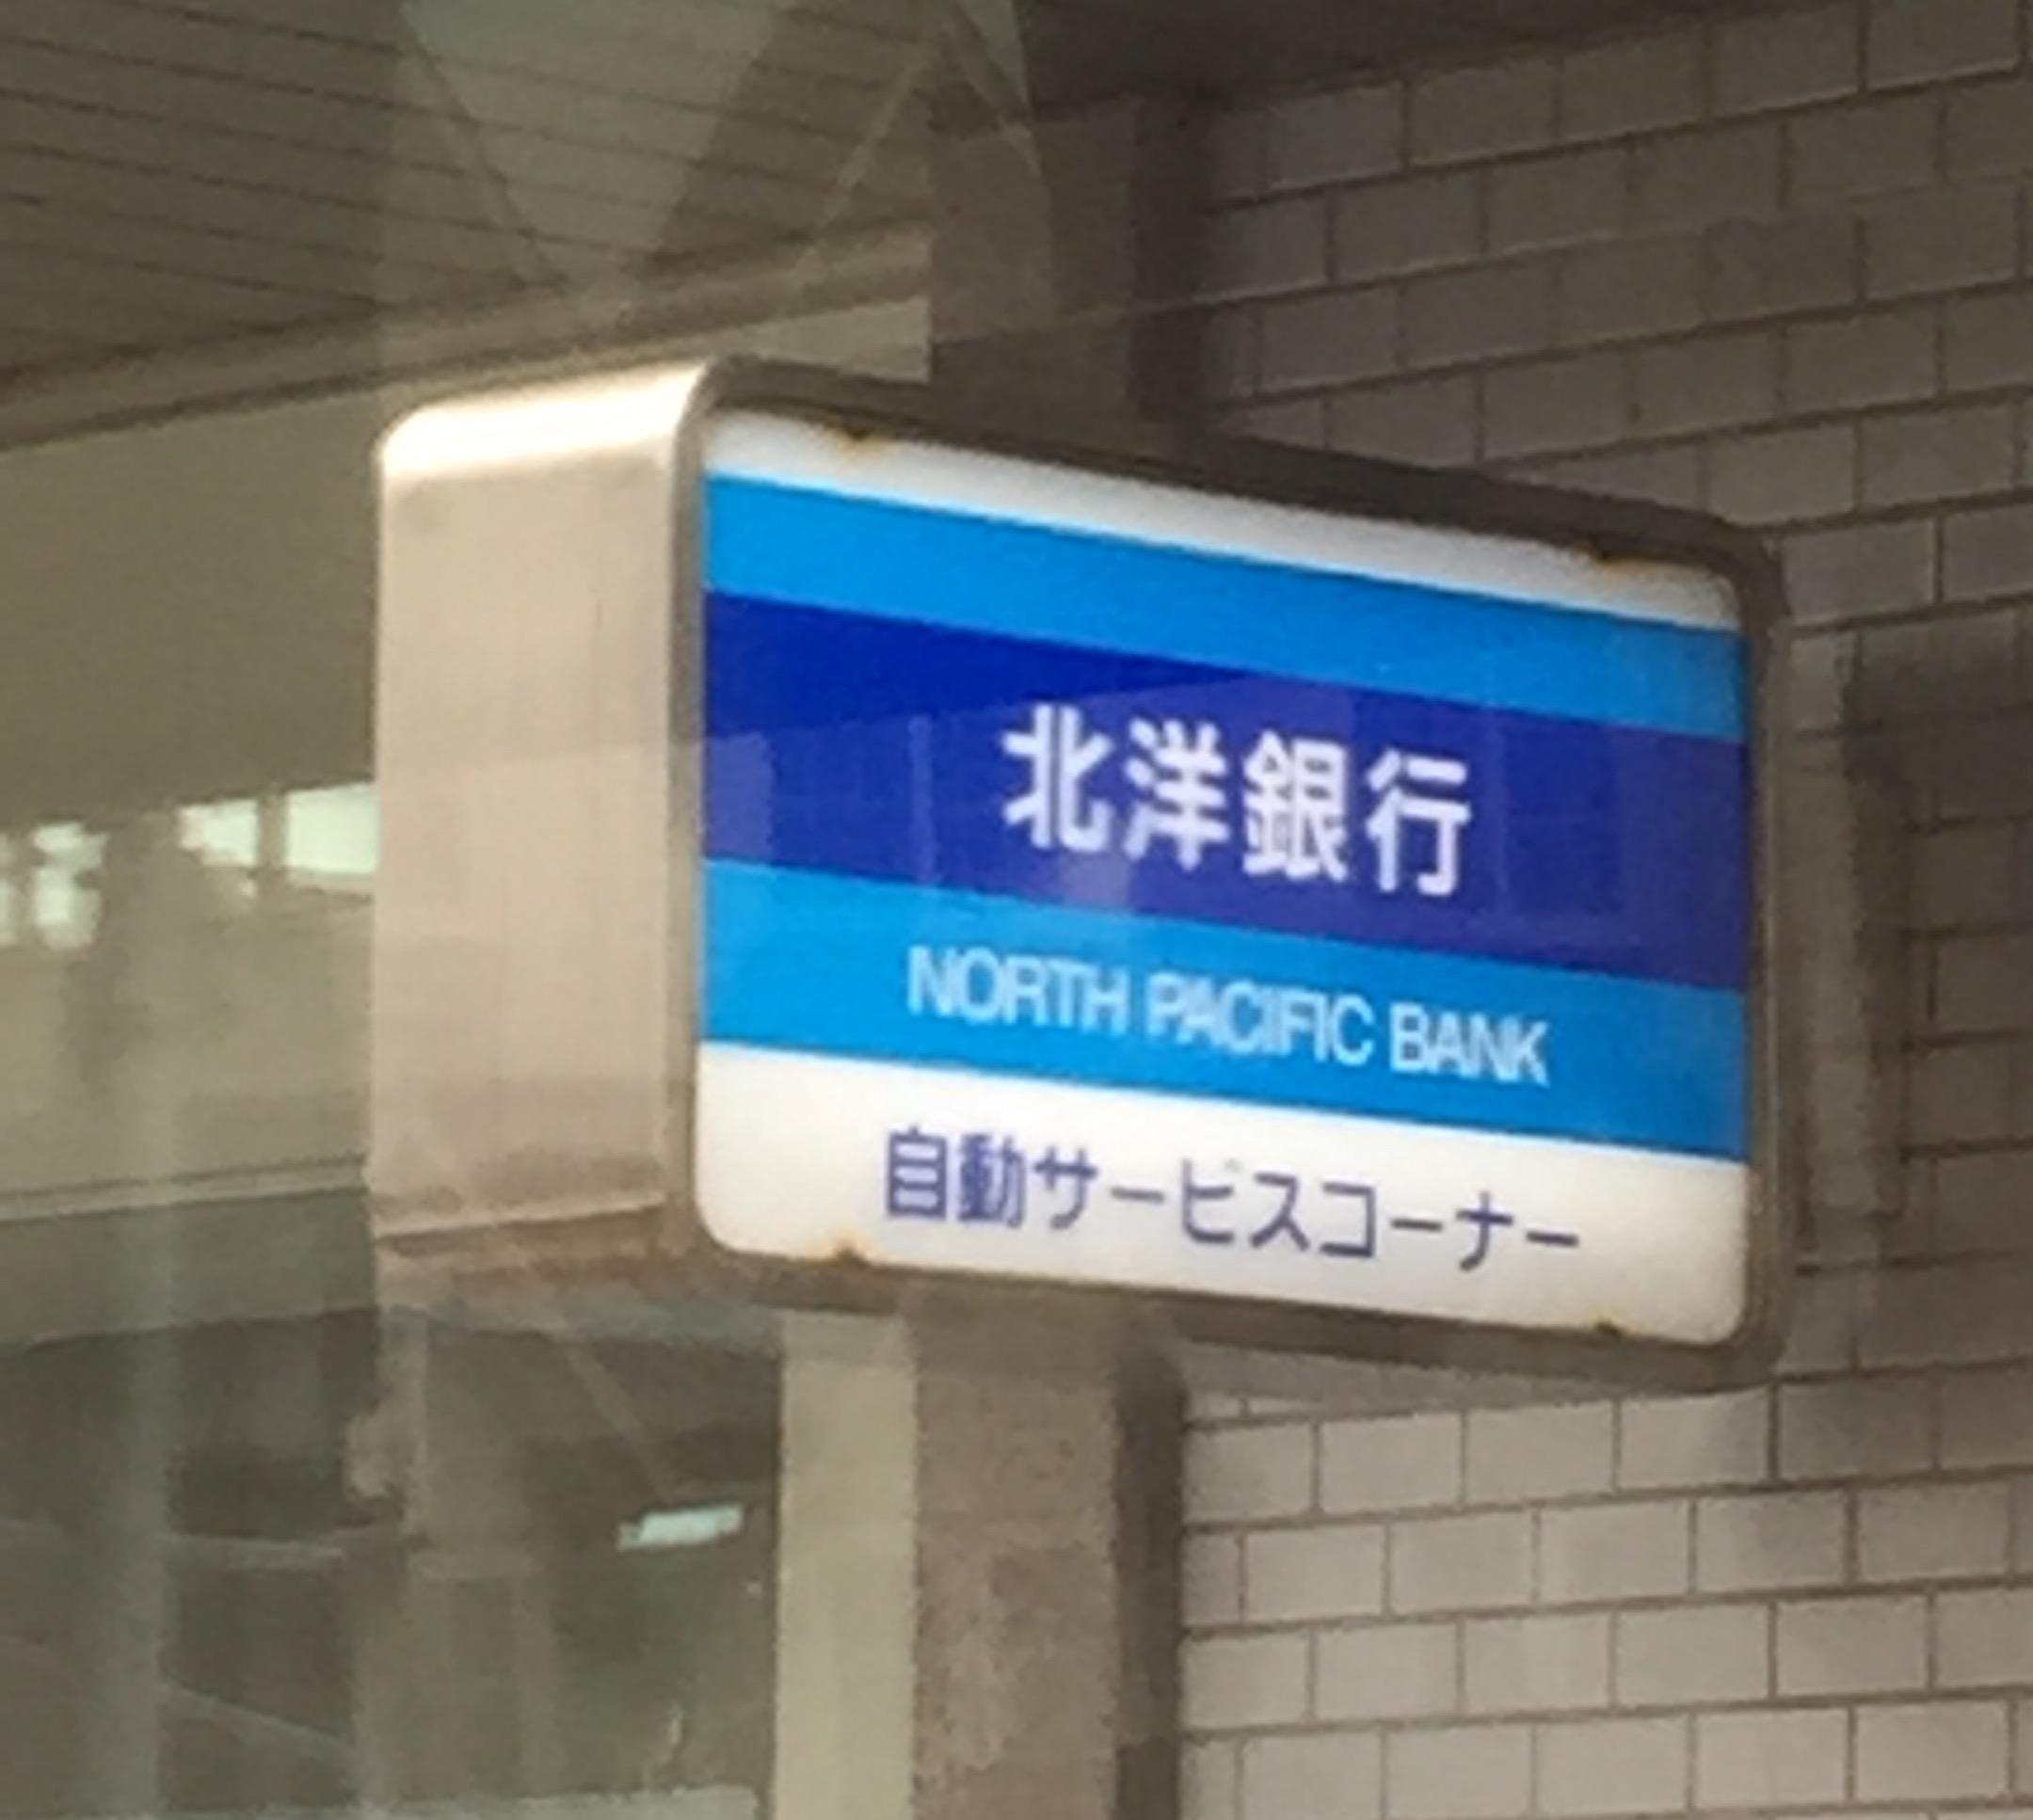 【3分読みきり】北洋銀行カードローン『スーパーアルカ』の基本事項